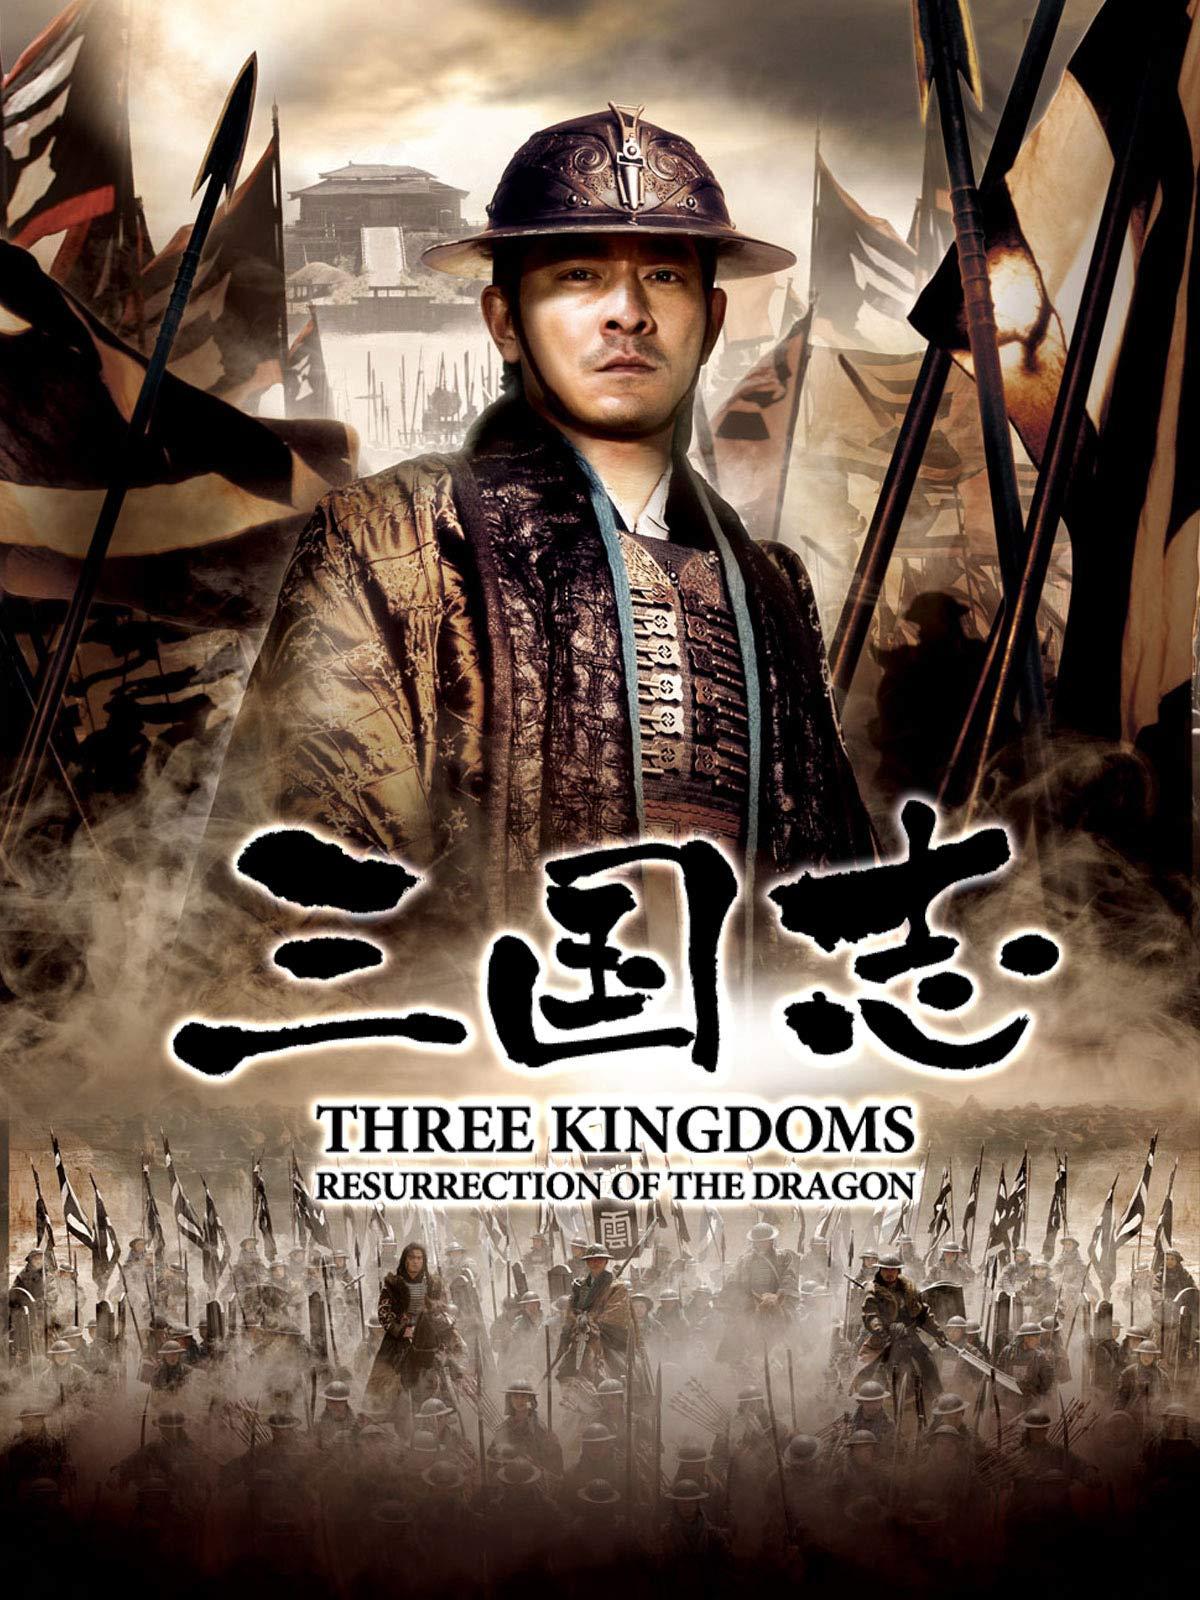 Secret of three 感想 三国志 kingdoms